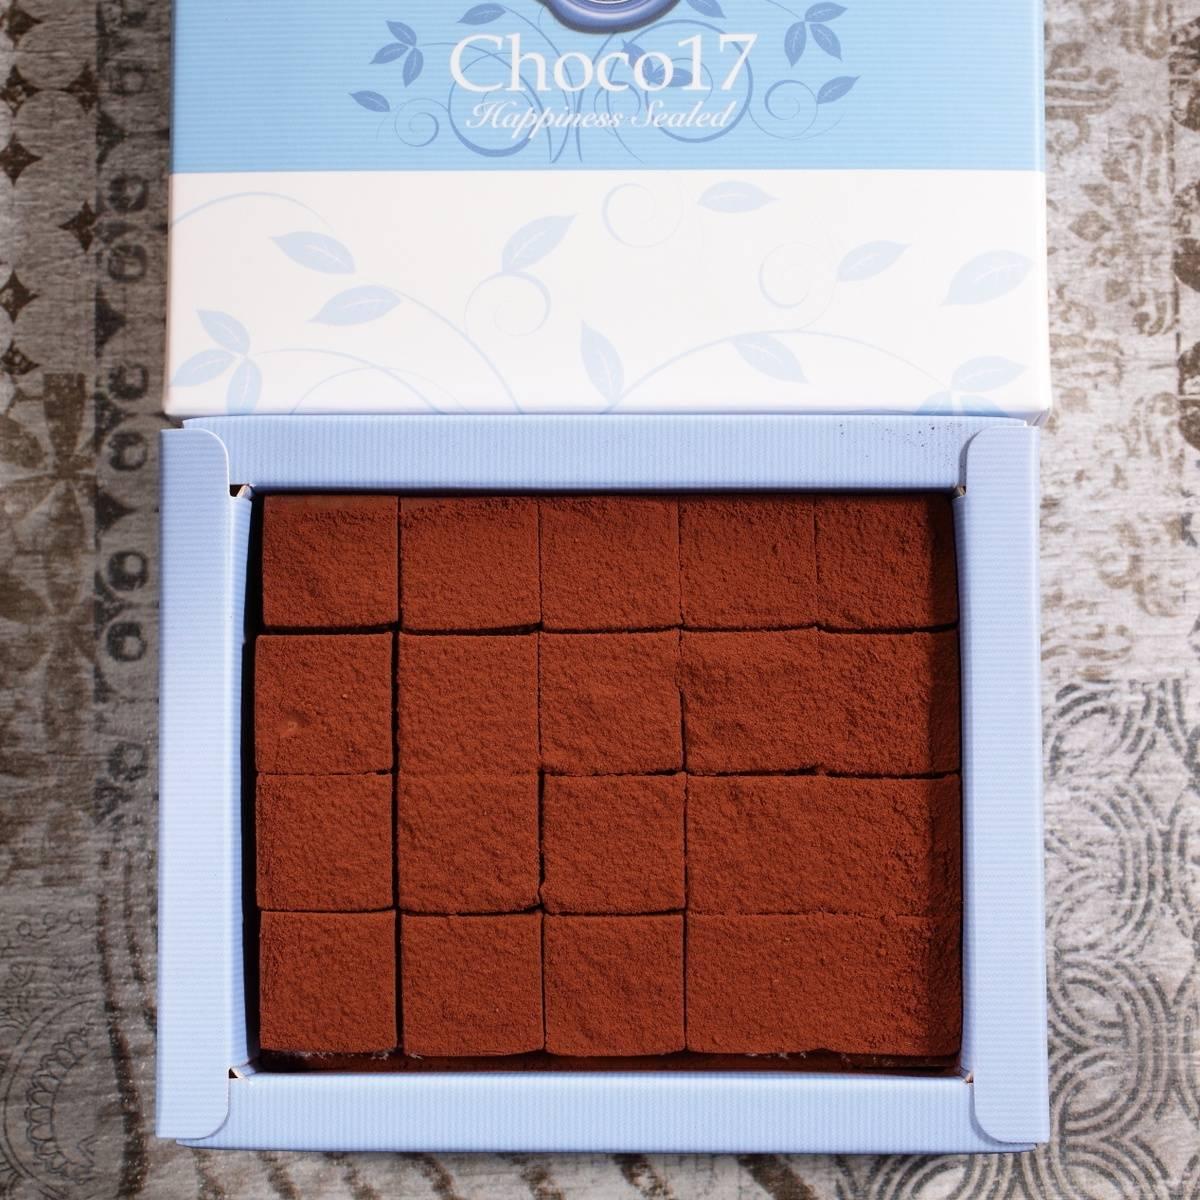 無糖芝麻生巧克力❤減重 | 生酮飲食必備❤第二件79折【Choco17 香謝17巧克力】巧克力專賣 | 領卷滿1000現折100 3